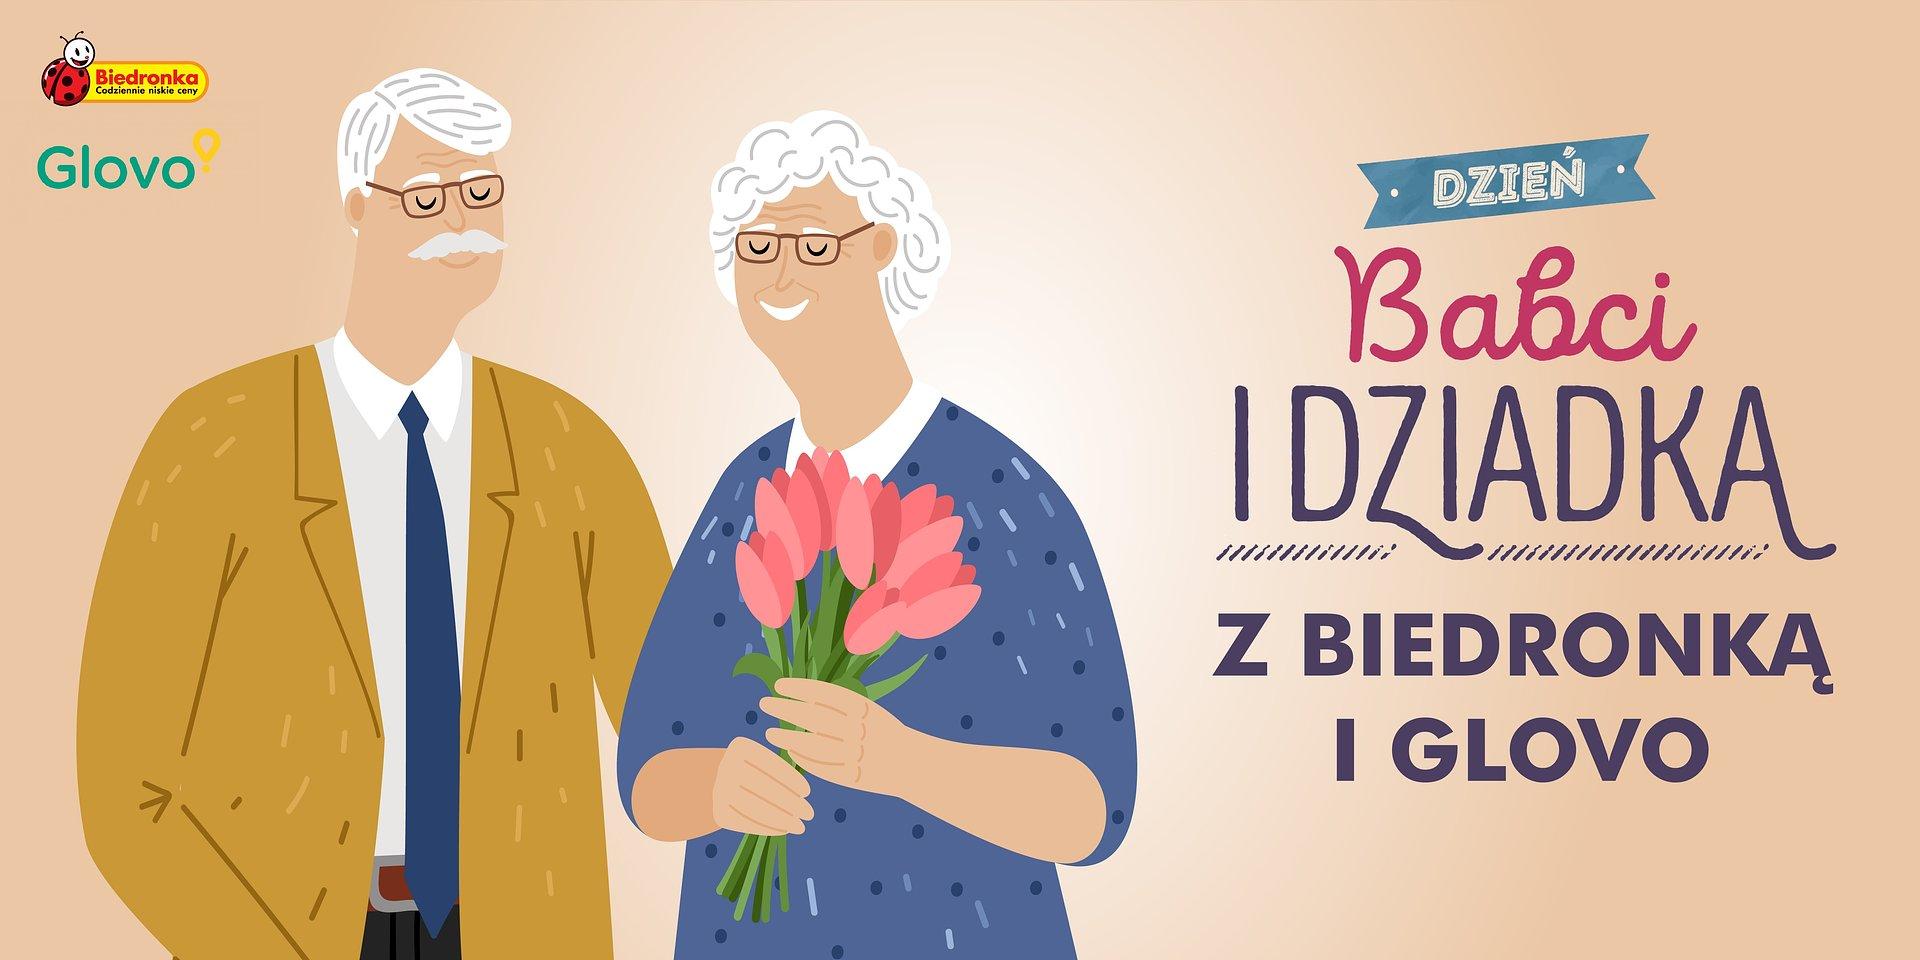 Biedronka wraz z Glovo w Dzień Babci i Dziadka z darmową dostawą prezentów